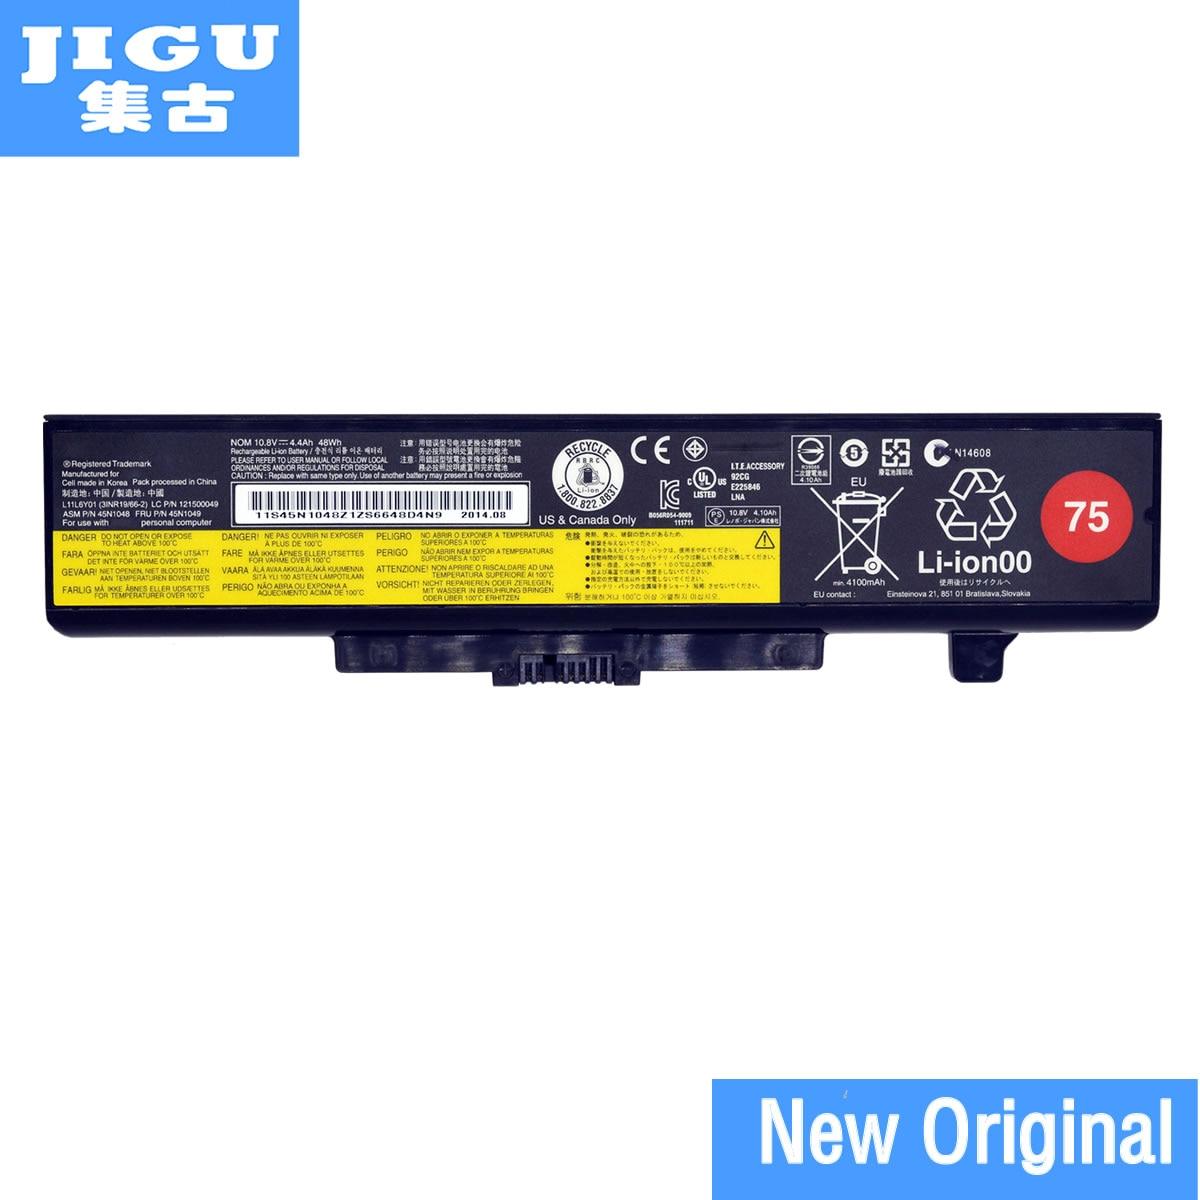 JIGU Original battery for lenovo for IdeaPad y485p Y480 B590 G710 N581 G700 P585 B490 Series for ThinkPad E540 E440 E531 E431 jigu new battery l11l6y01 l11s6y01 for lenovo y480p y580nt g485a g410 y480a y480 y580 g480 g485g z380 y480m